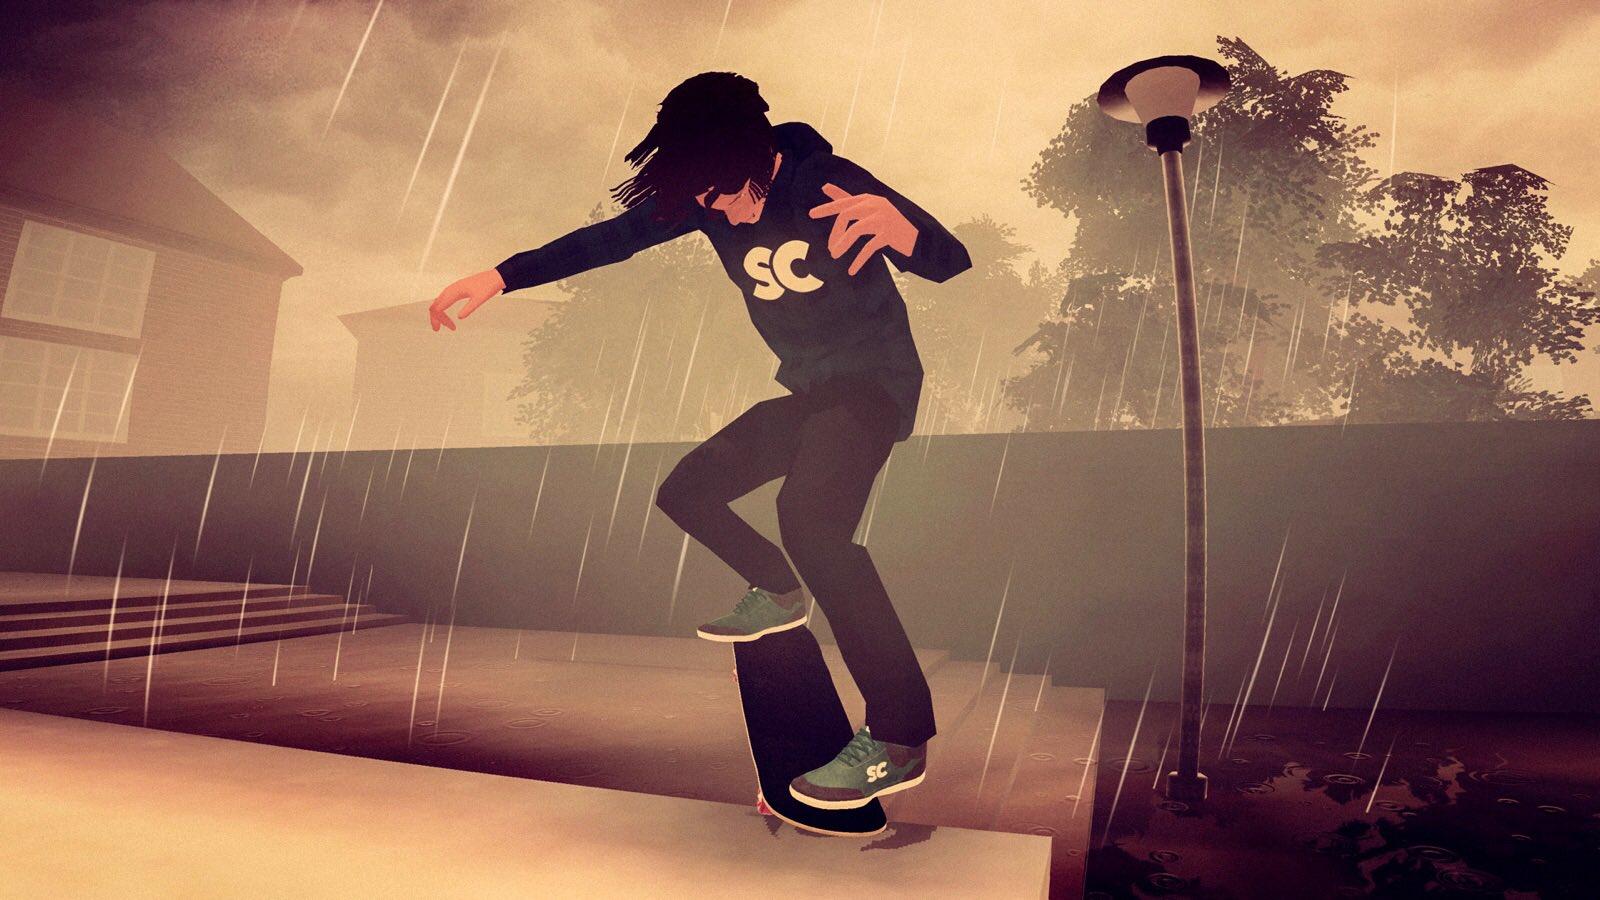 skate city game screenshot wallpaper 74325